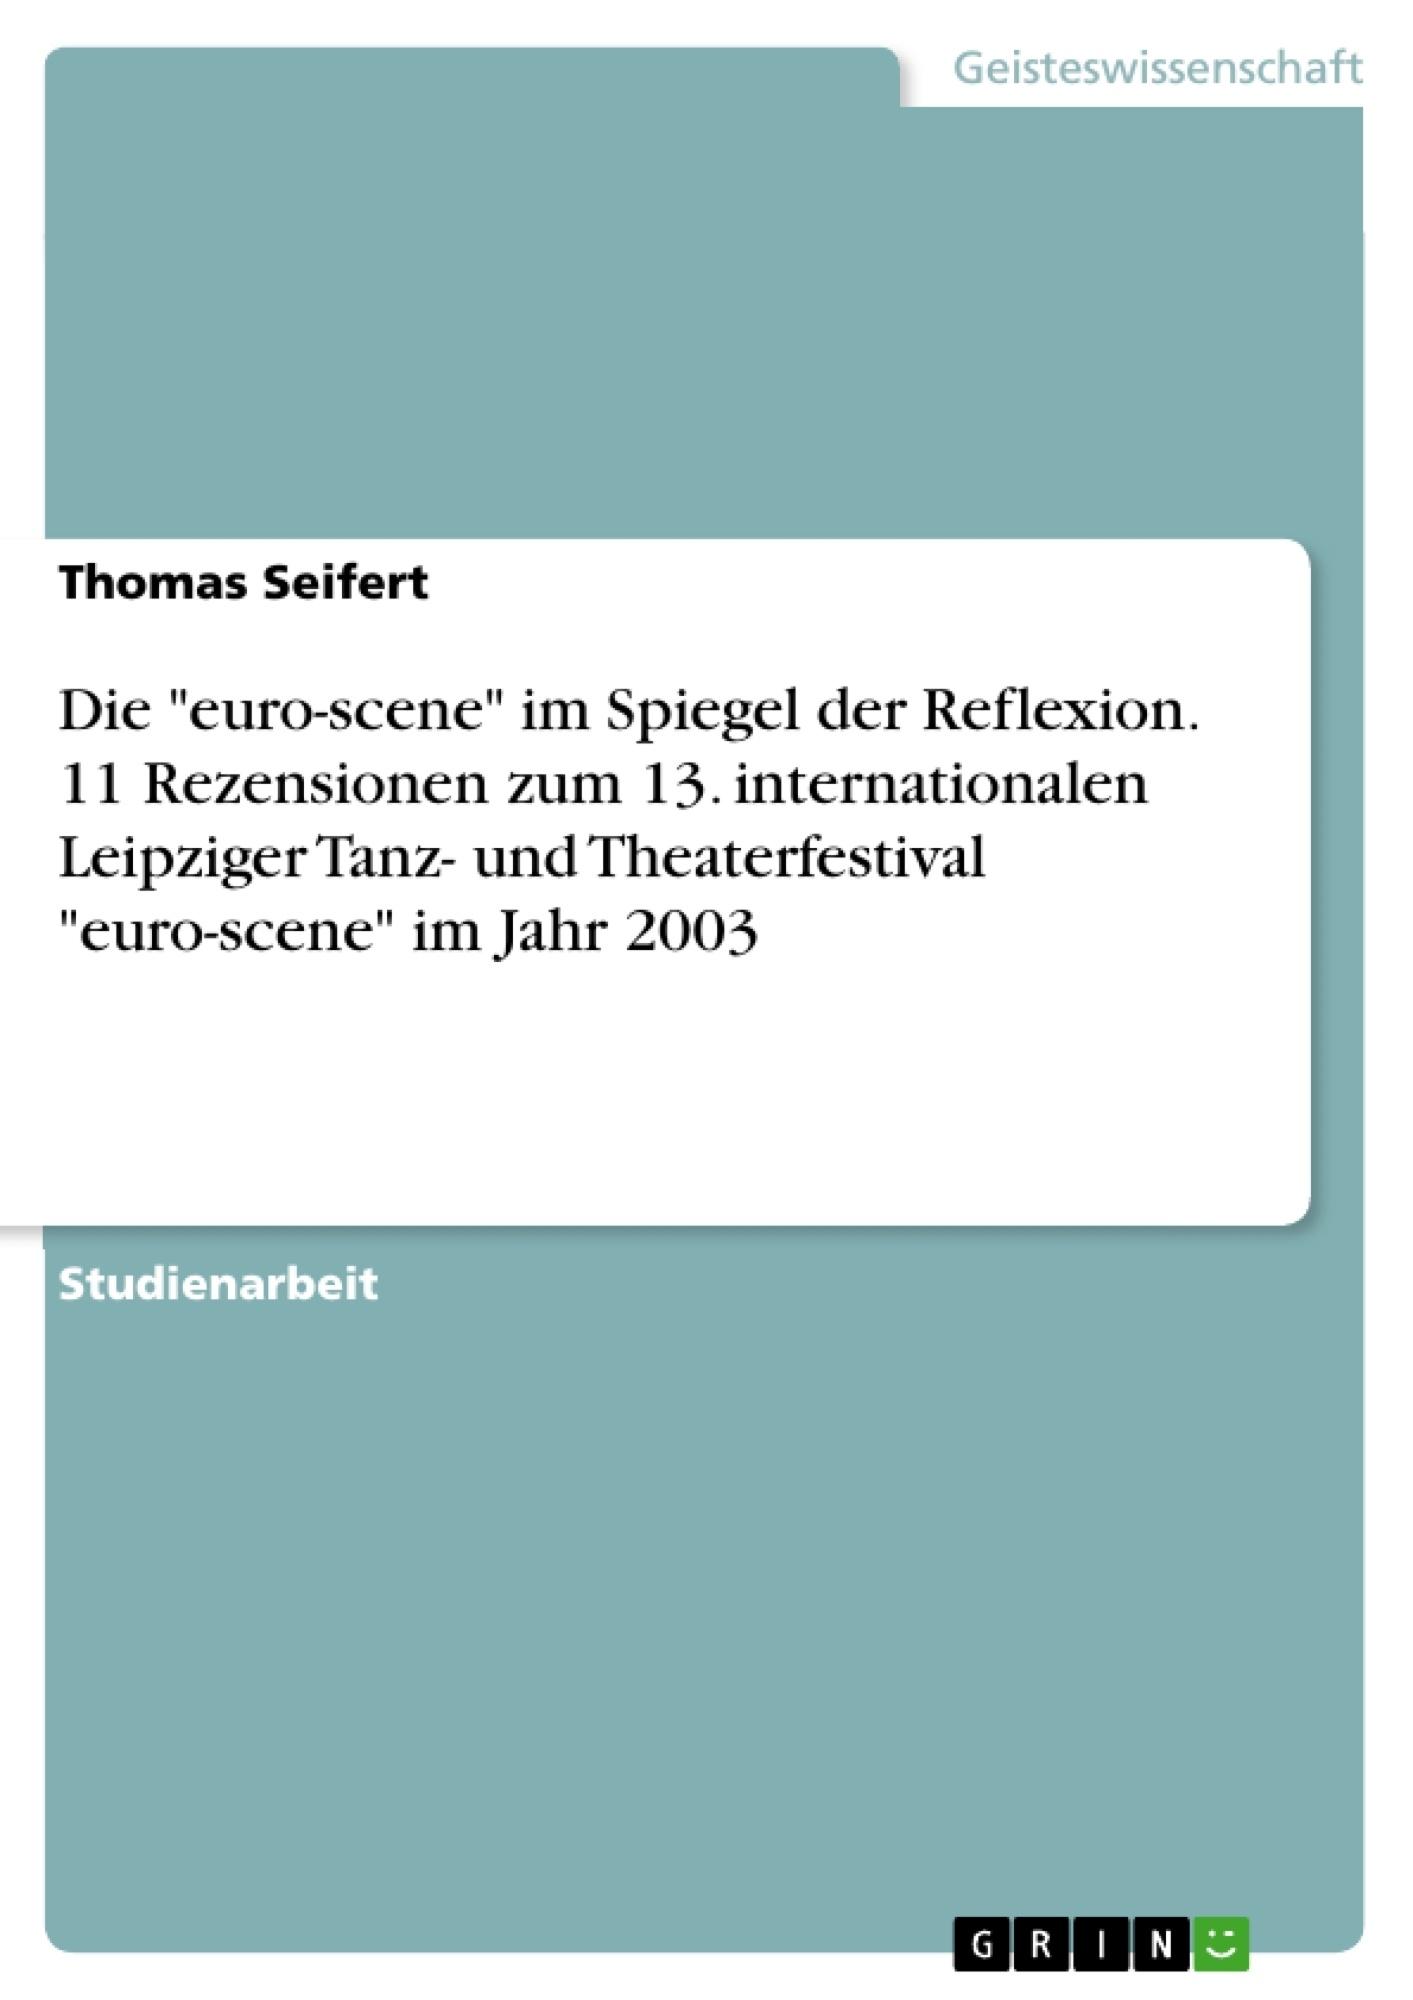 """Titel: Die """"euro-scene"""" im Spiegel der Reflexion. 11 Rezensionen zum 13. internationalen Leipziger Tanz- und Theaterfestival """"euro-scene"""" im Jahr 2003"""